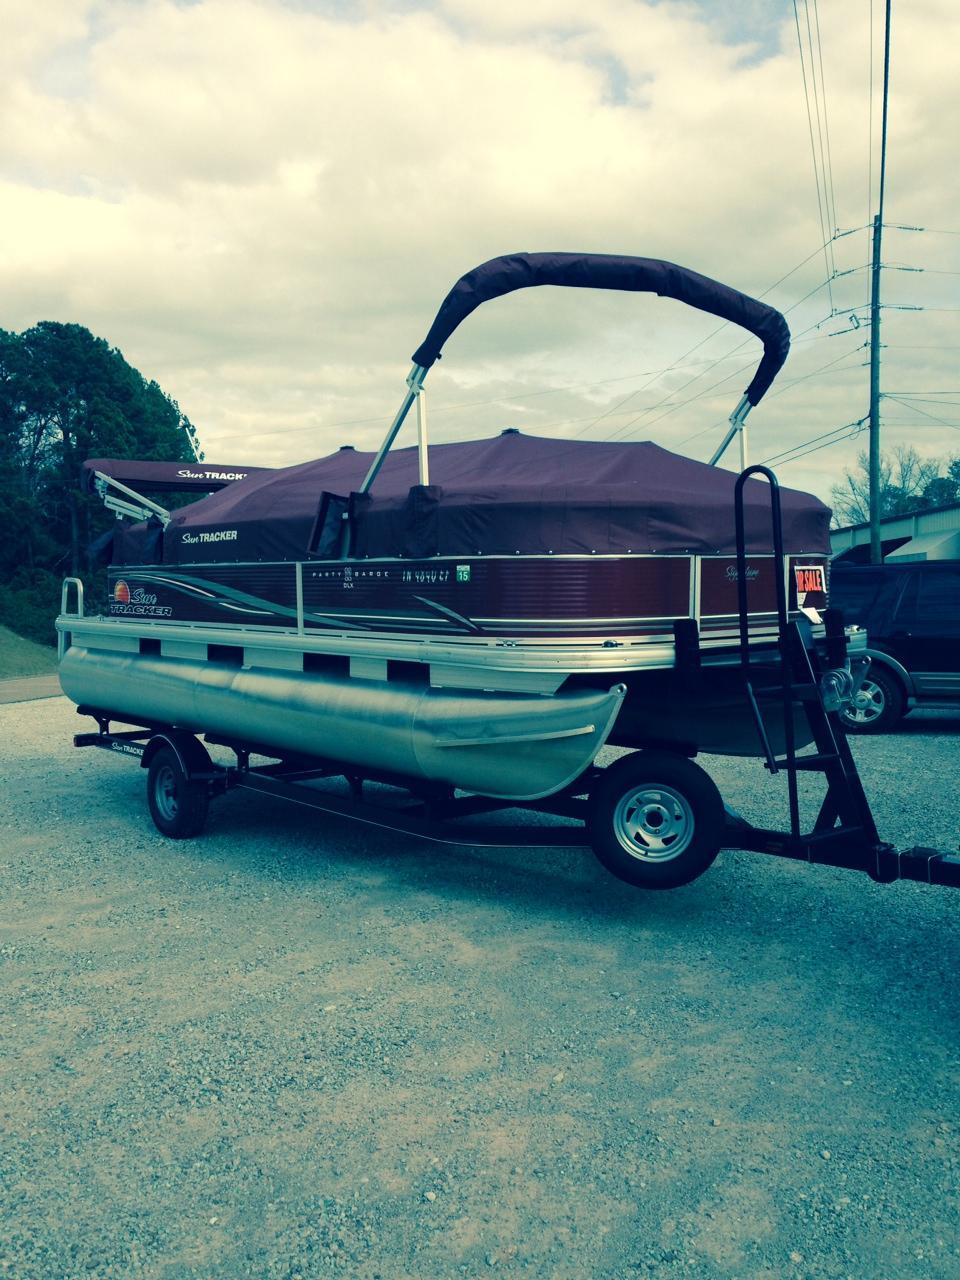 Boise Boats By Dealer Craigslist Autos Post